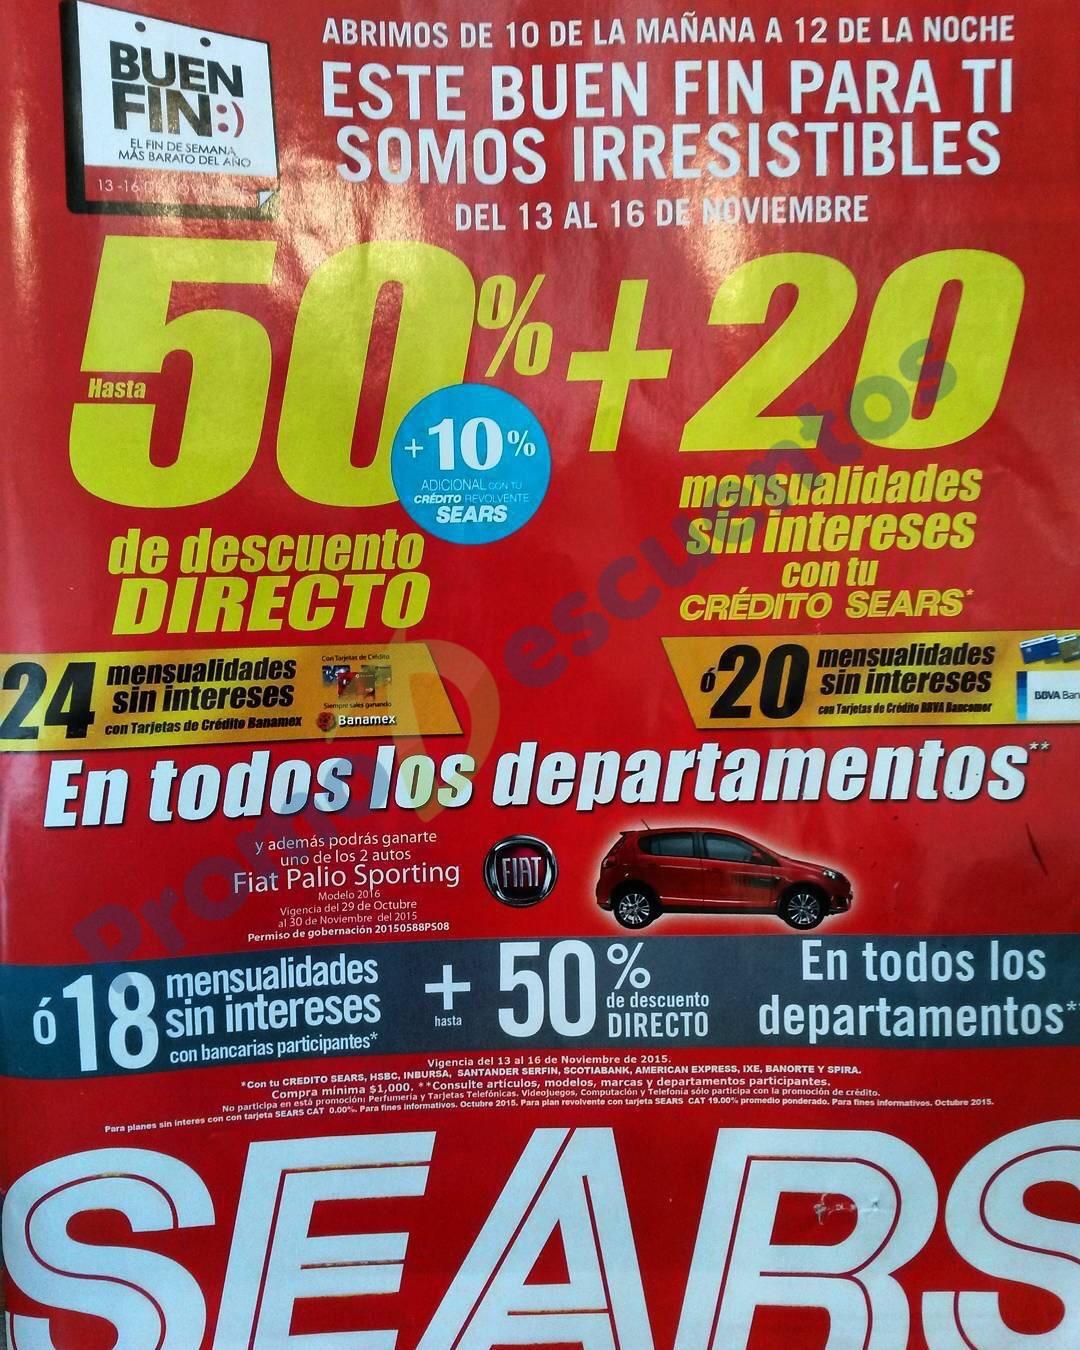 Promociones del Buen Fin 2015 en Sears: hasta 50% de descuento y meses sin intereses